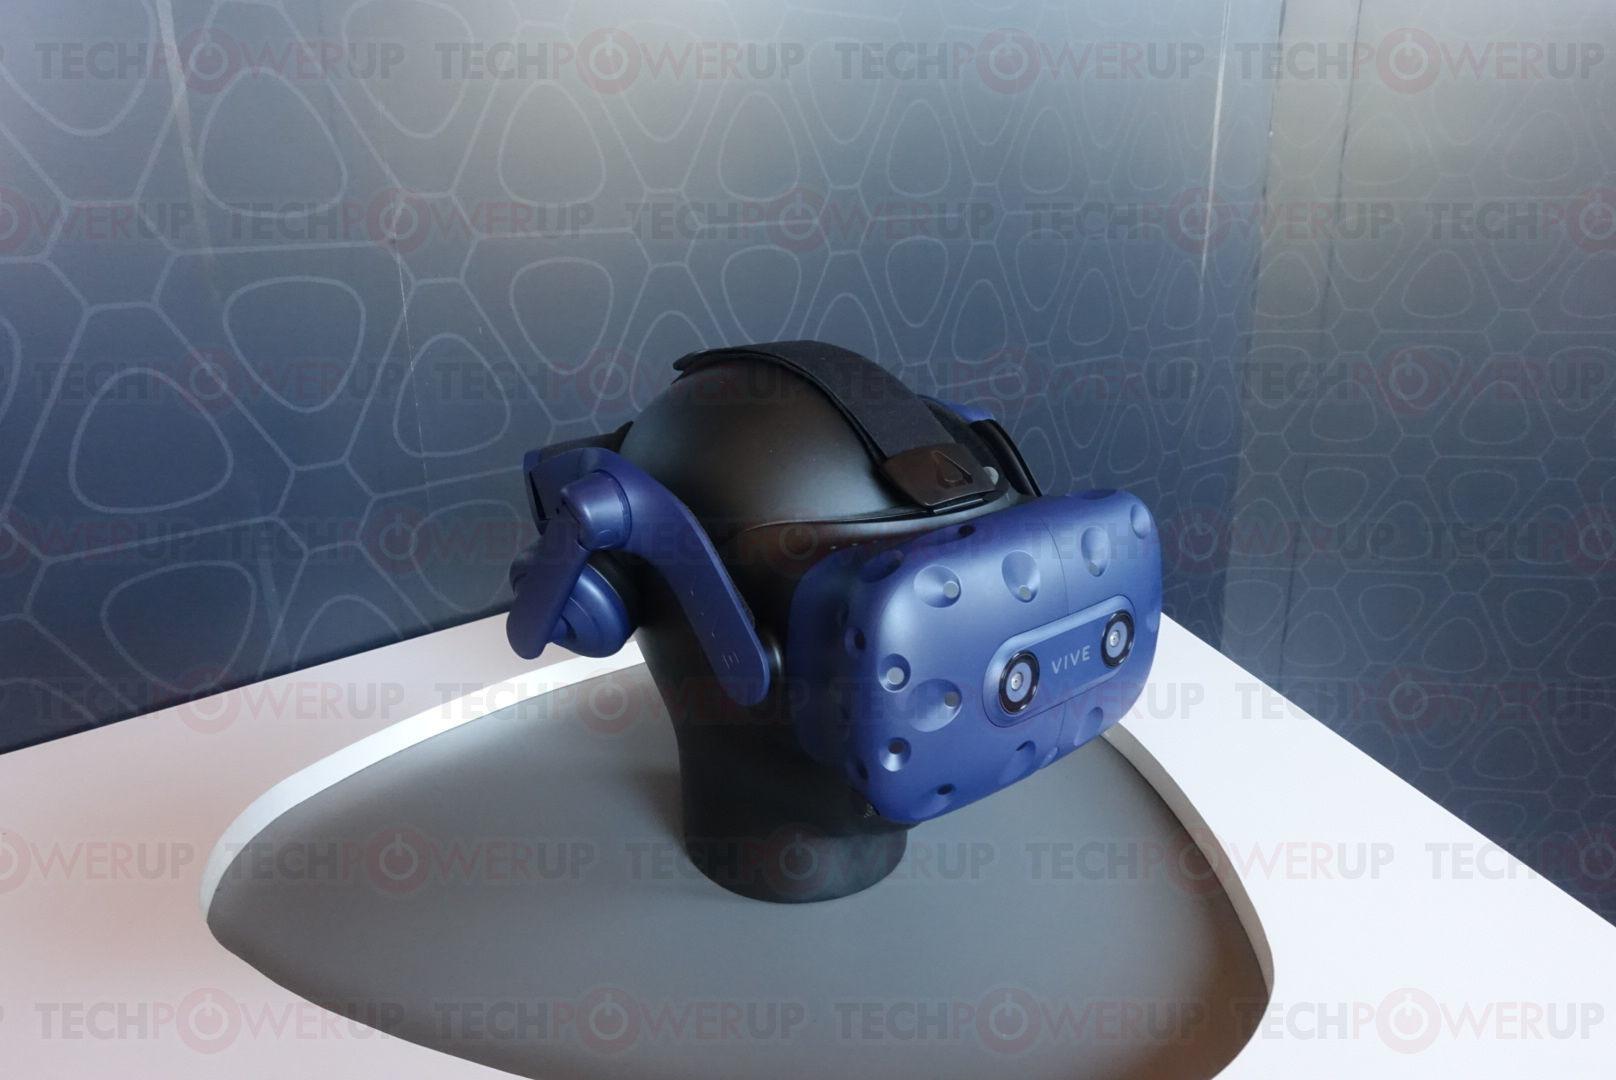 HTC Announces The VIVE Pro VR Headset | TechPowerUp